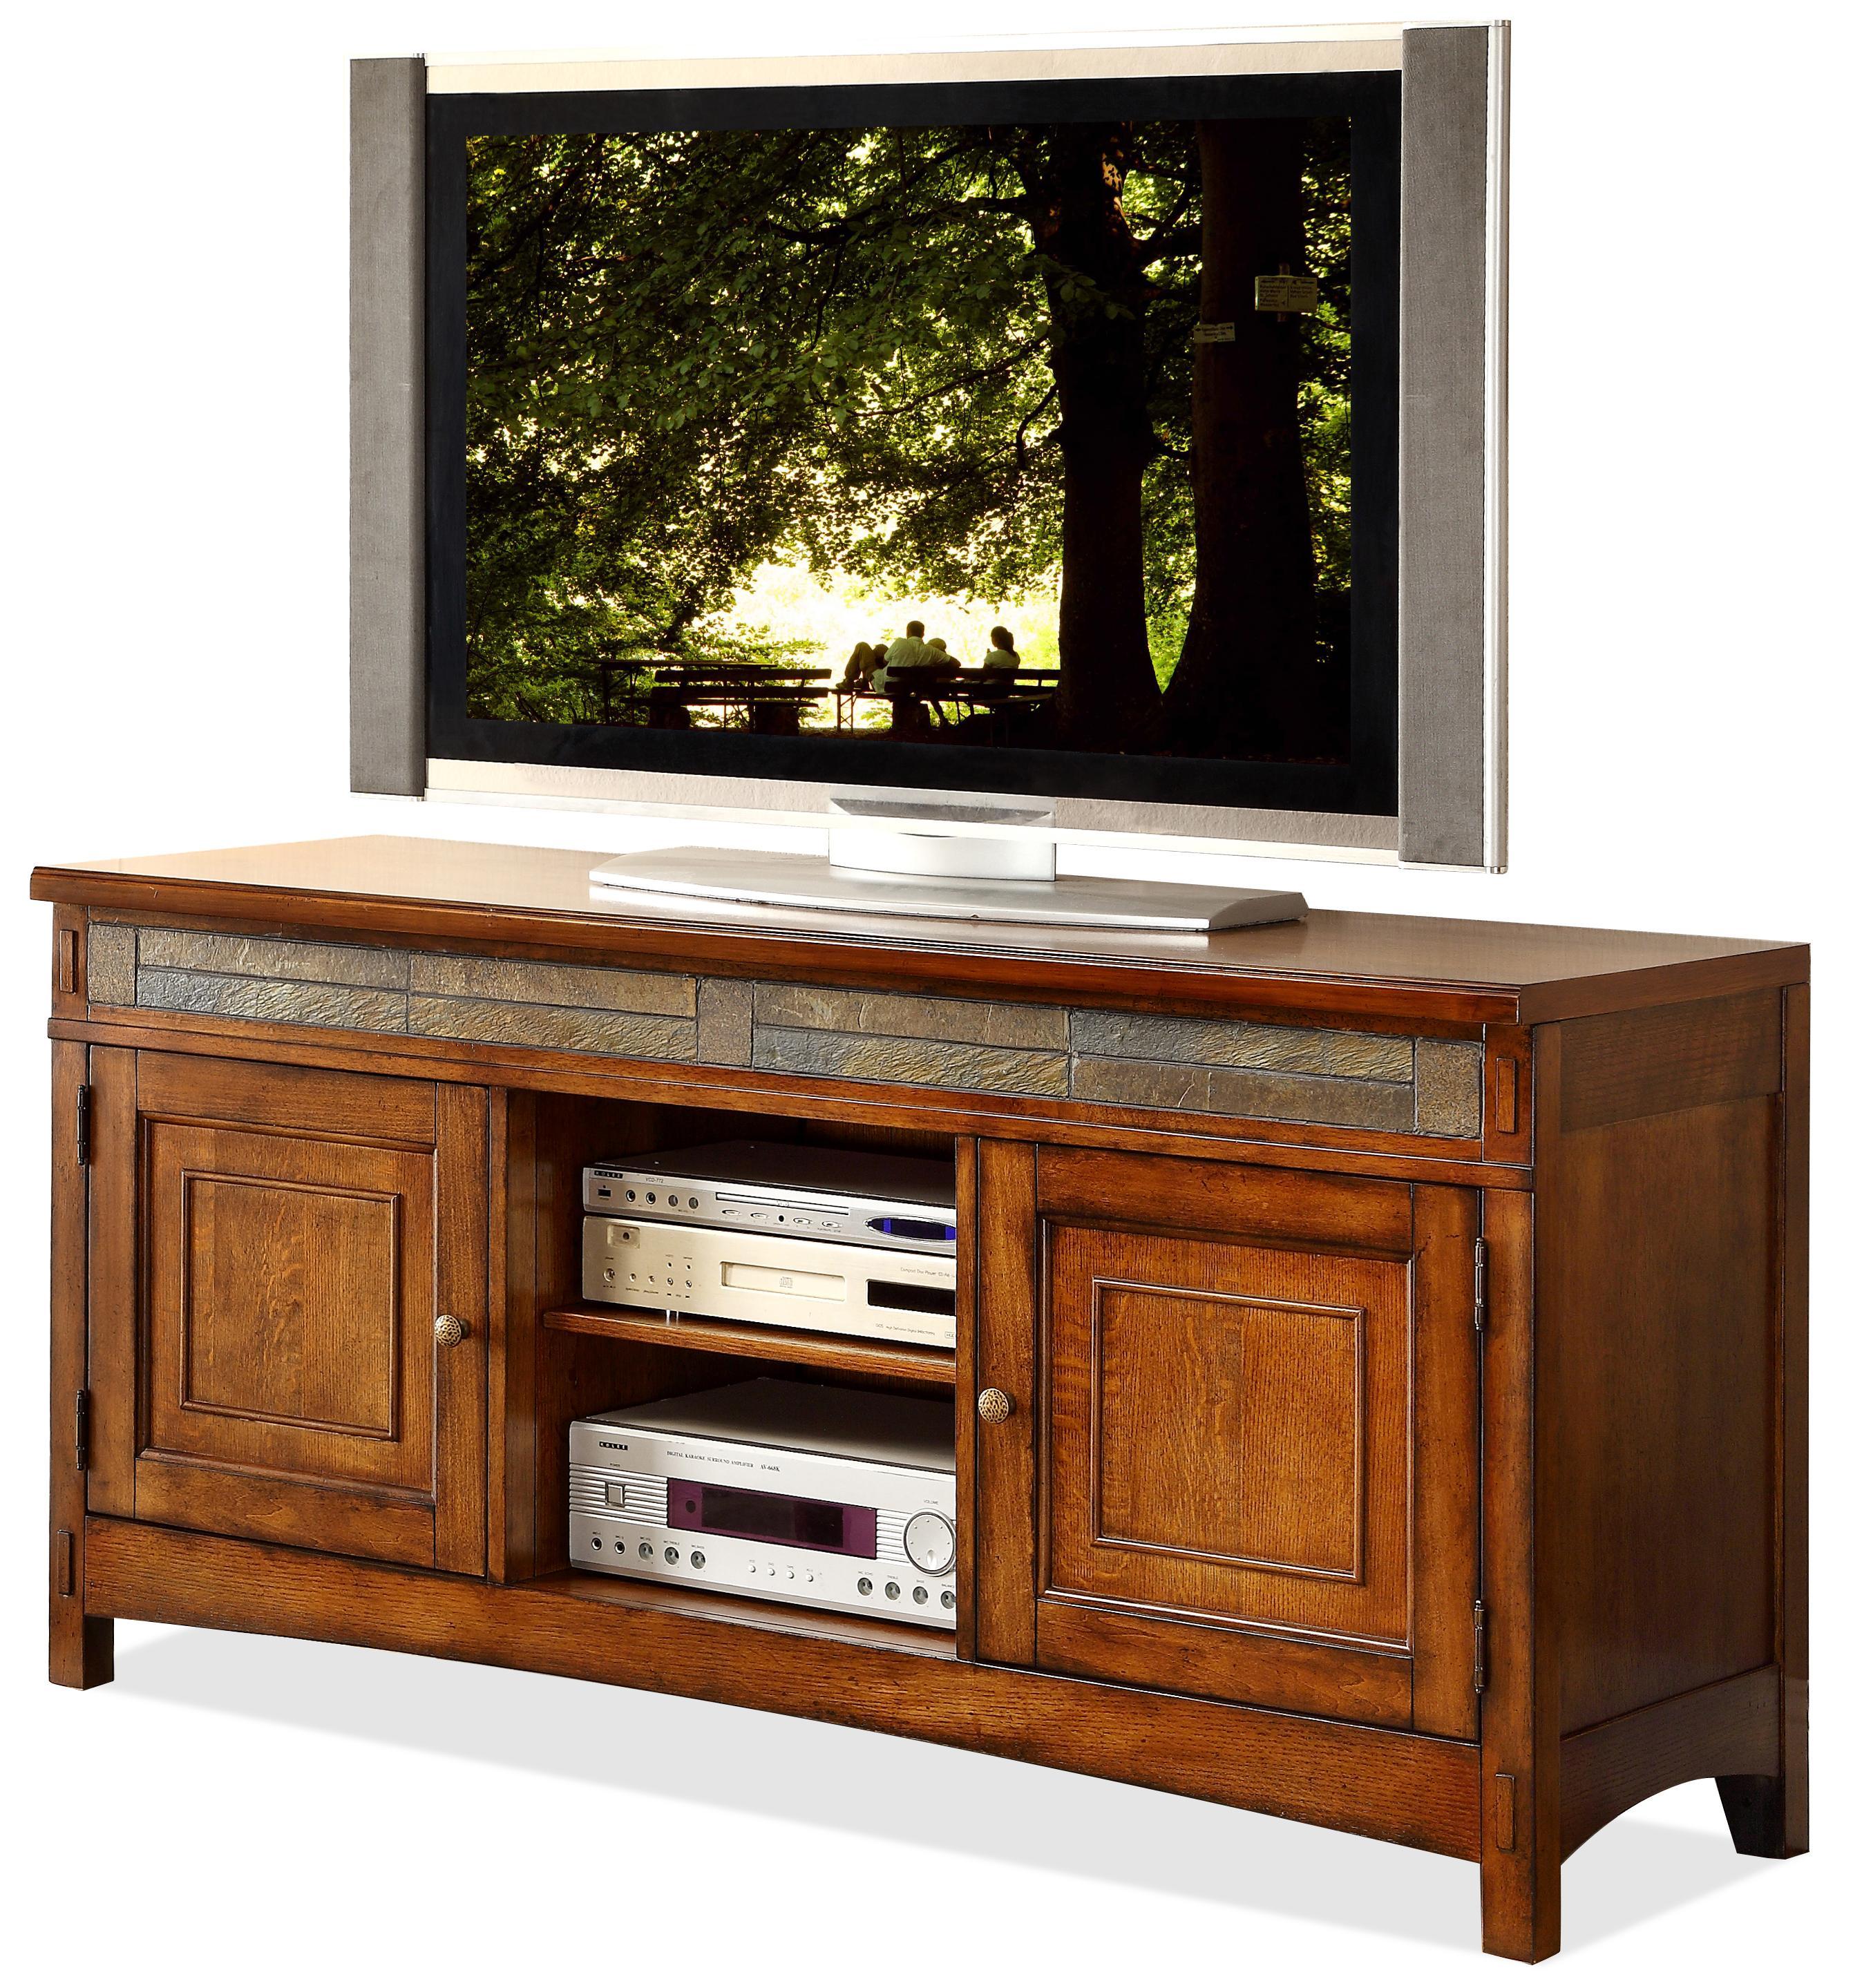 Riverside Furniture Craftsman Home TV Console - Item Number: 2941